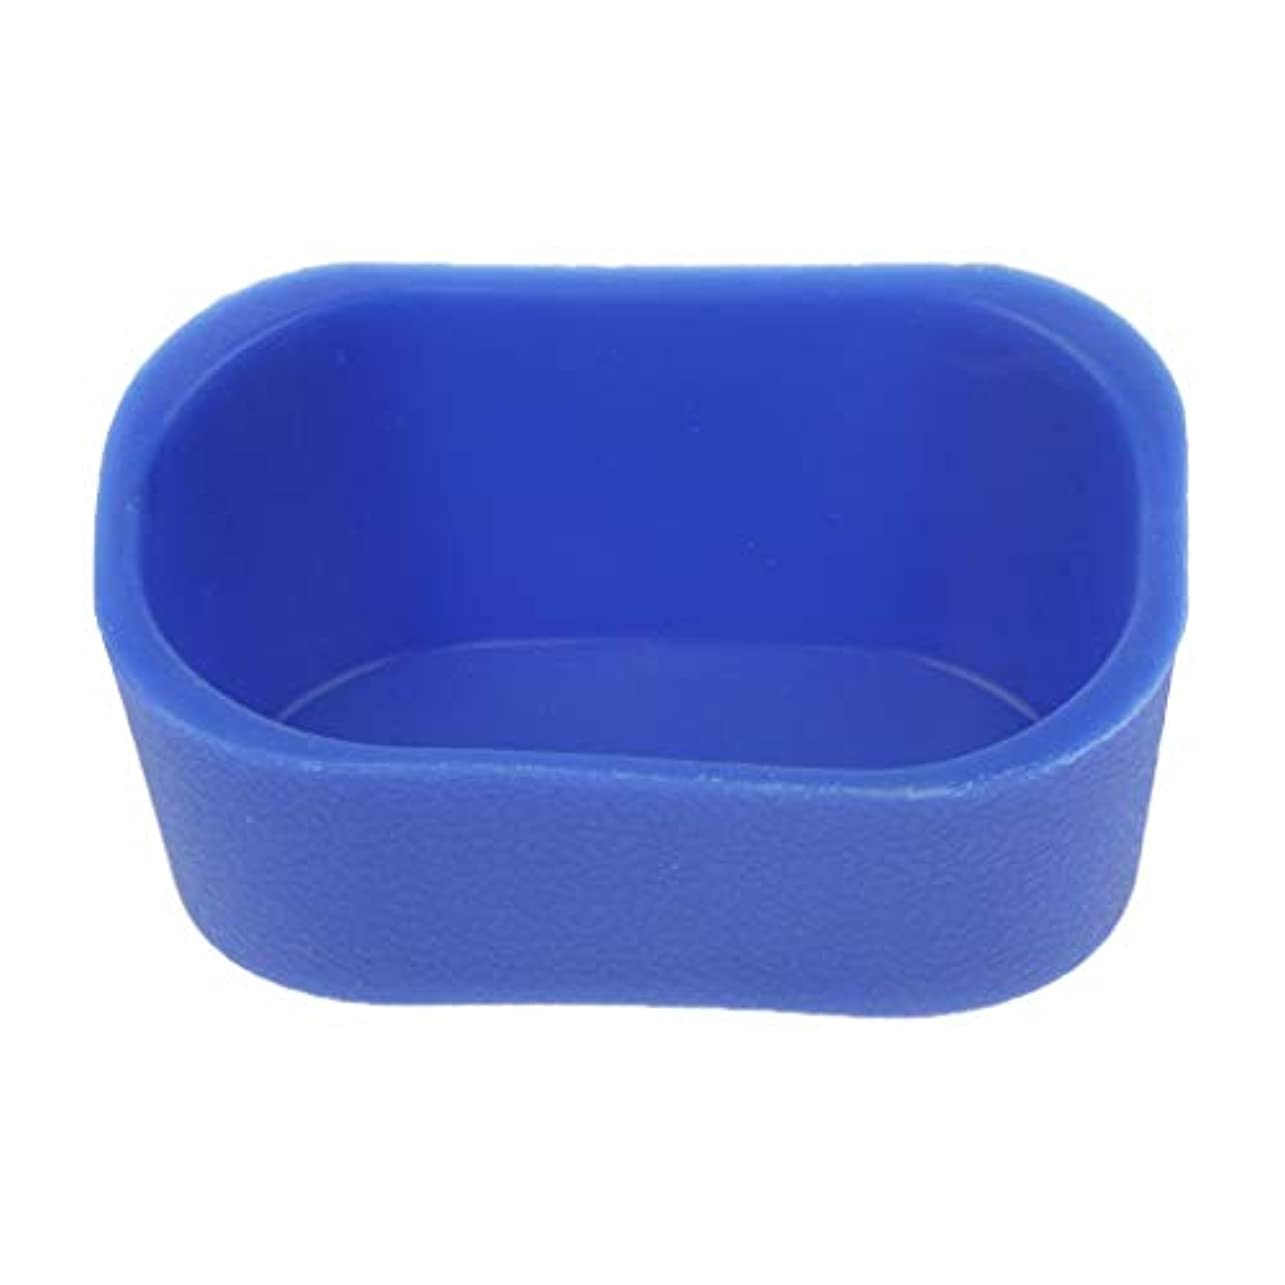 ハンディ聞くシエスタD DOLITY シャンプーボウル ピロー ネックレス クッション 高品質 5色選べ - 青